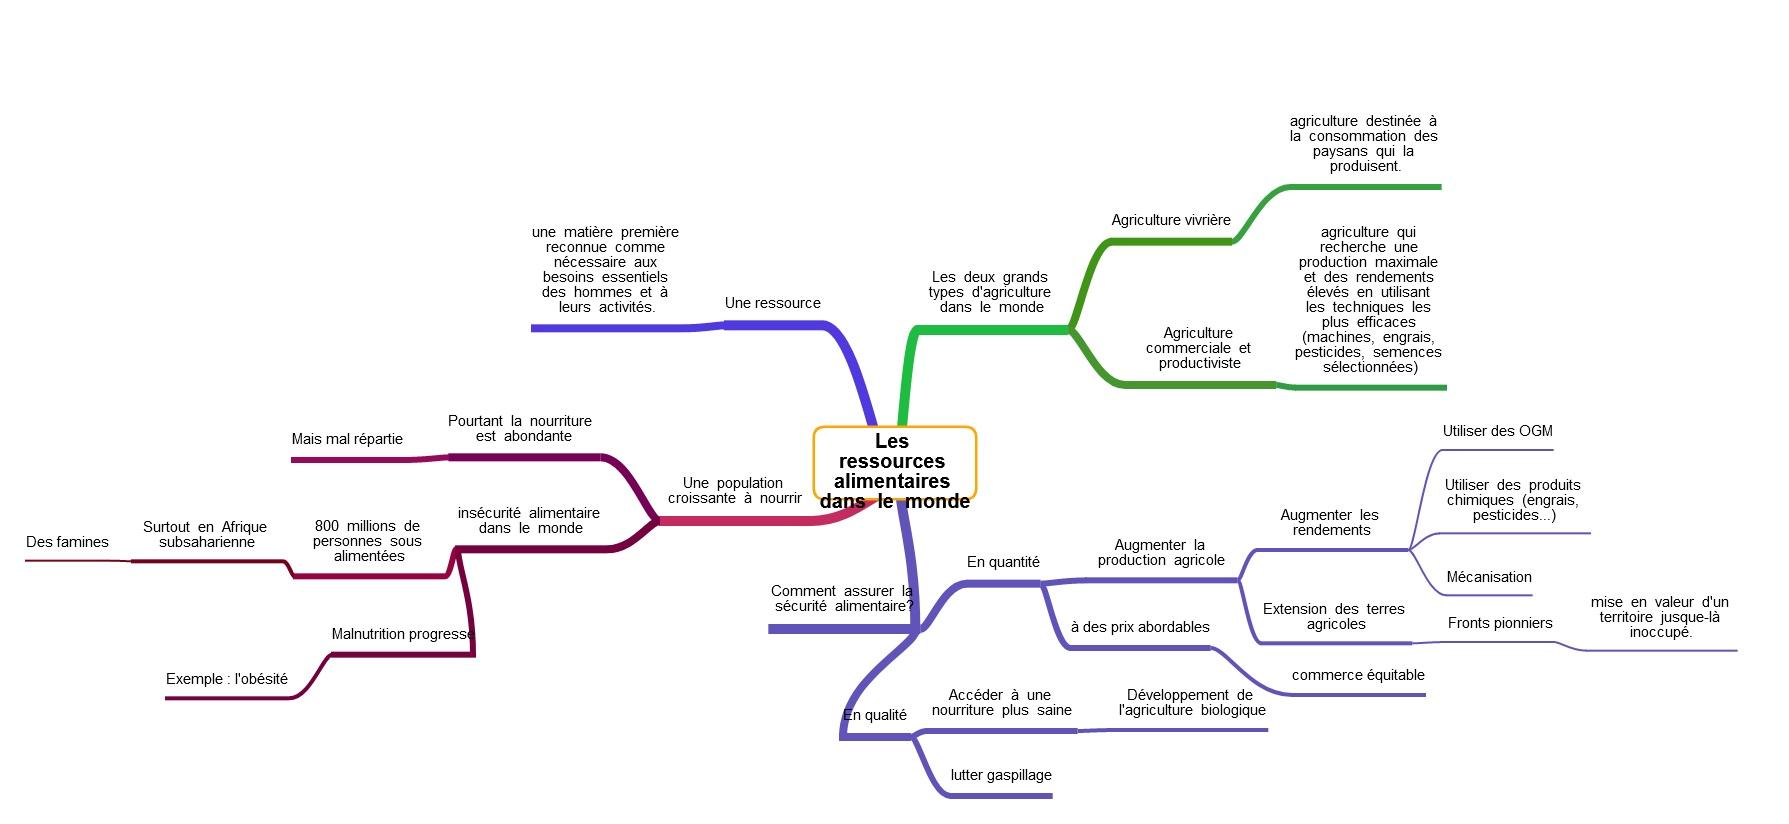 Nourrir Les Bresiliens Carte Mentale.Chapitre 3 1ere Partie Les Ressources Alimentaires Dans Le